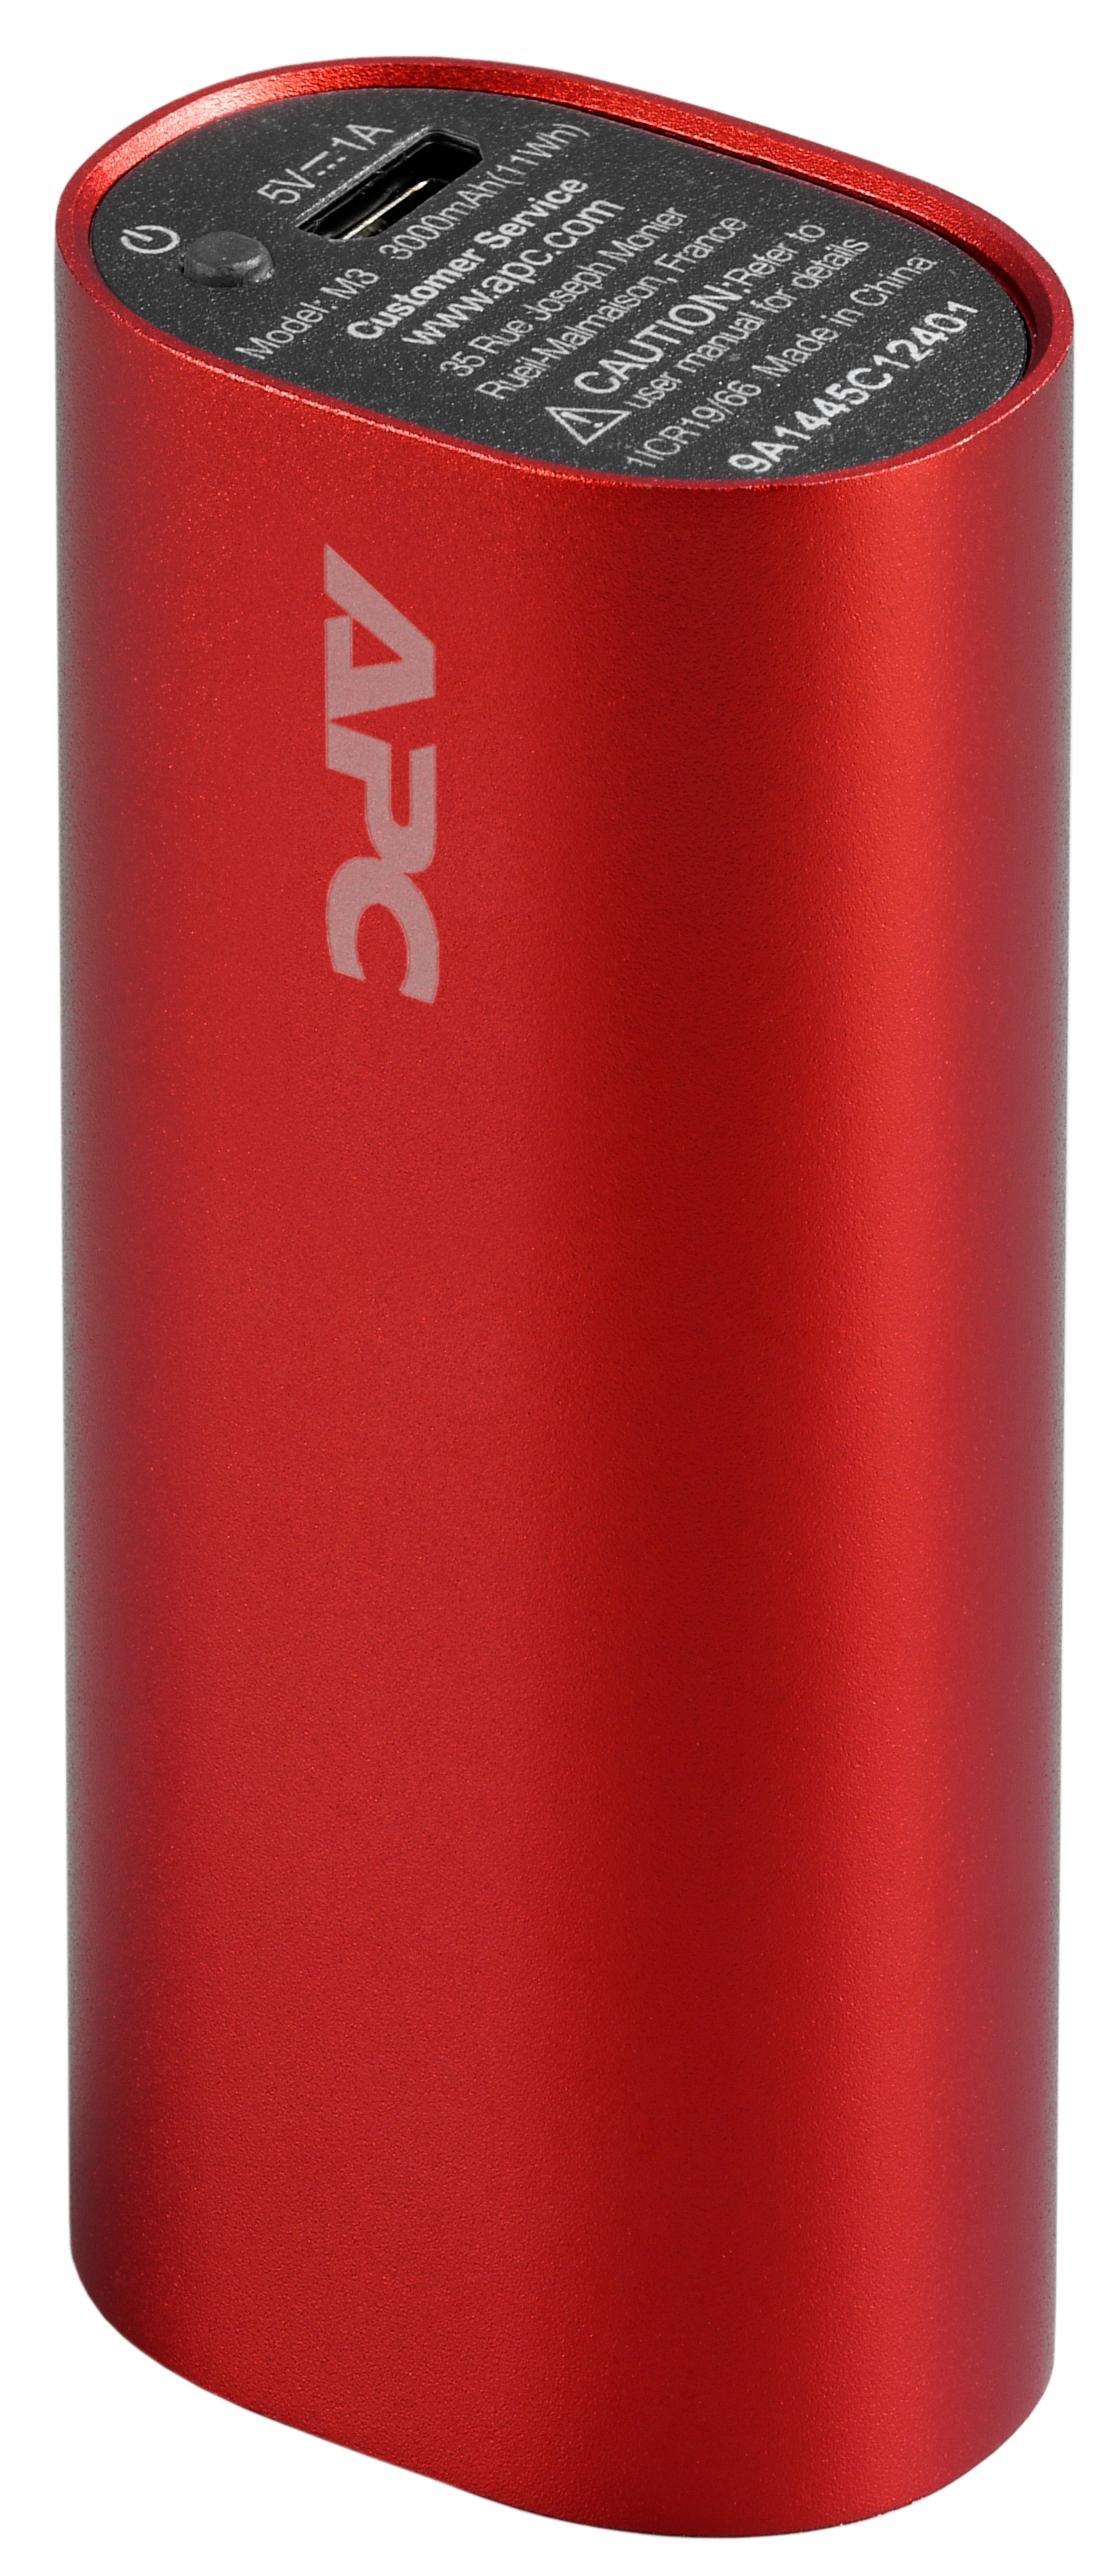 APC Mobile Power Pack, 3000mAh Li-on cylinder, Red (EMEA/CIS/MEA)